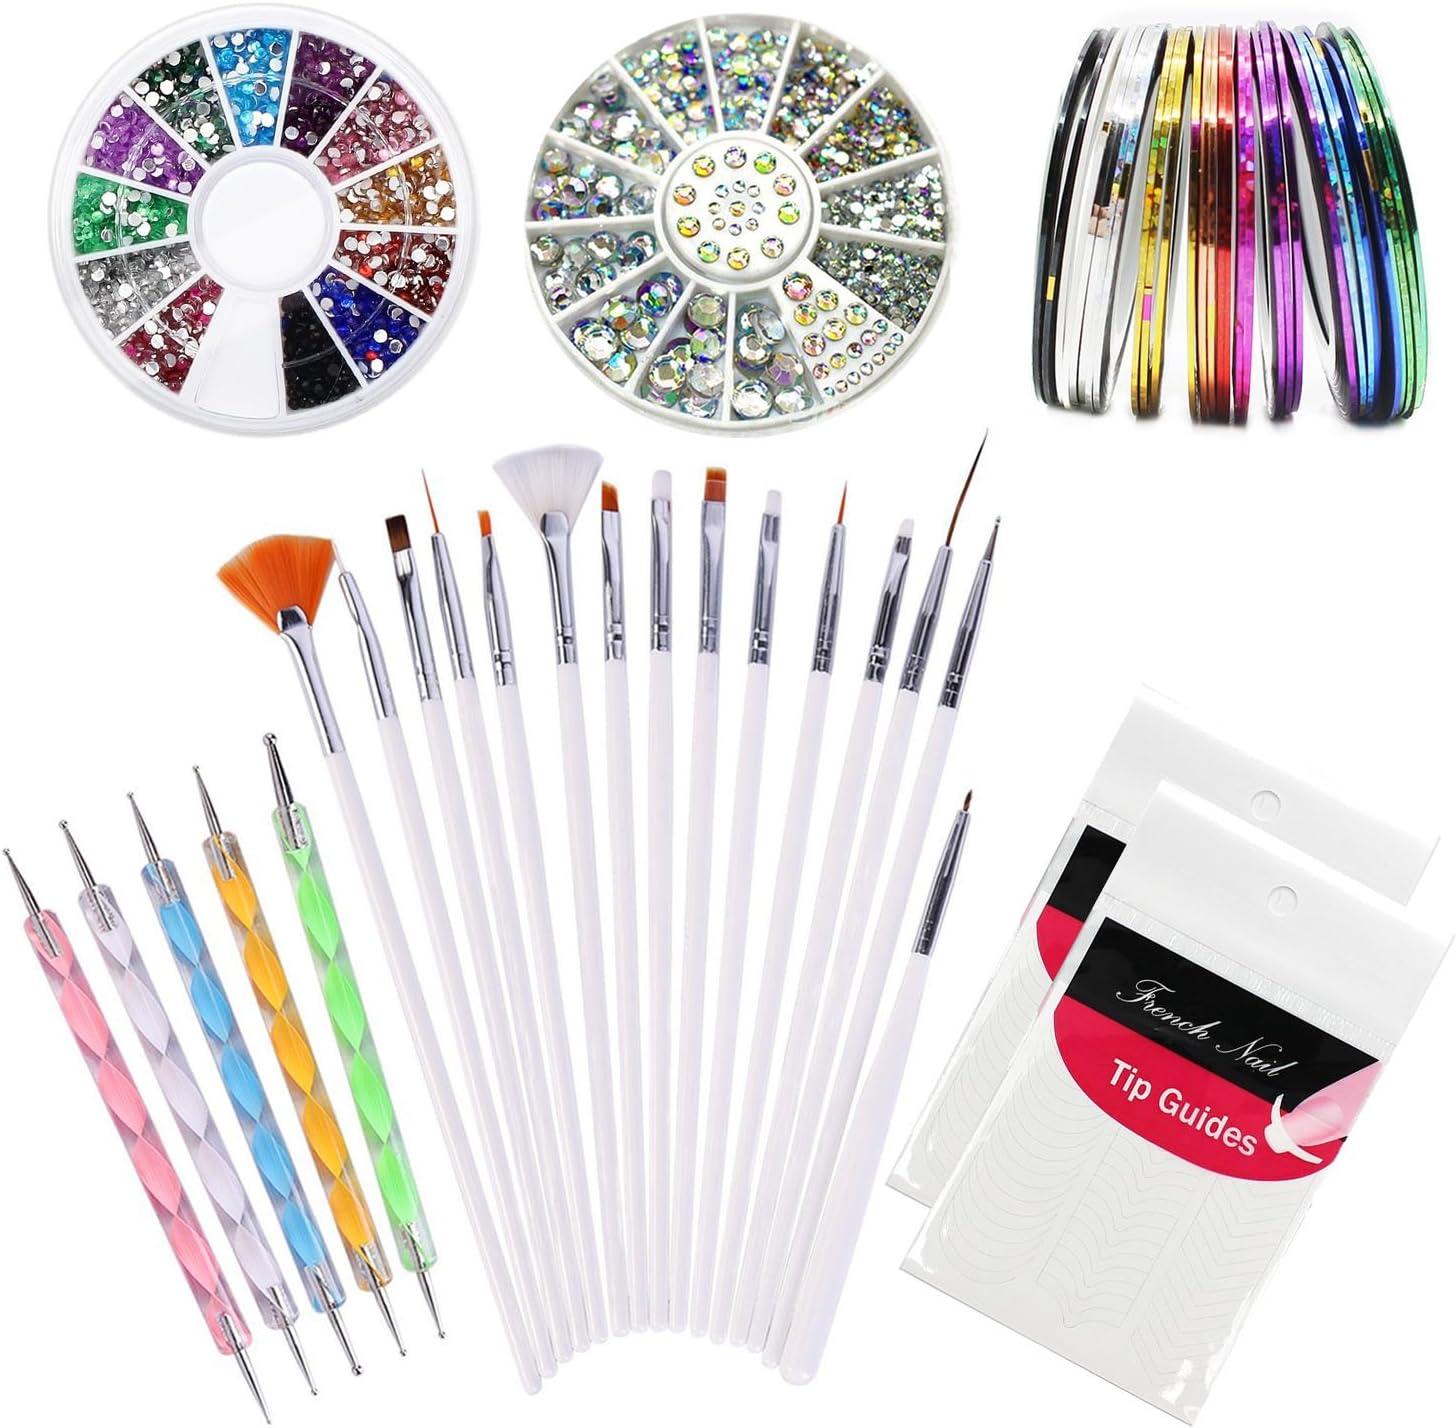 Kyerivs Kit de Accesorios de Decoración de Uñas 15pcs la pedicura Belleza Pintura, 5 Marbling Detalle de cepillo del polaco de la pluma que puntea el sistema,12 Colores de Diamantes de Uñas